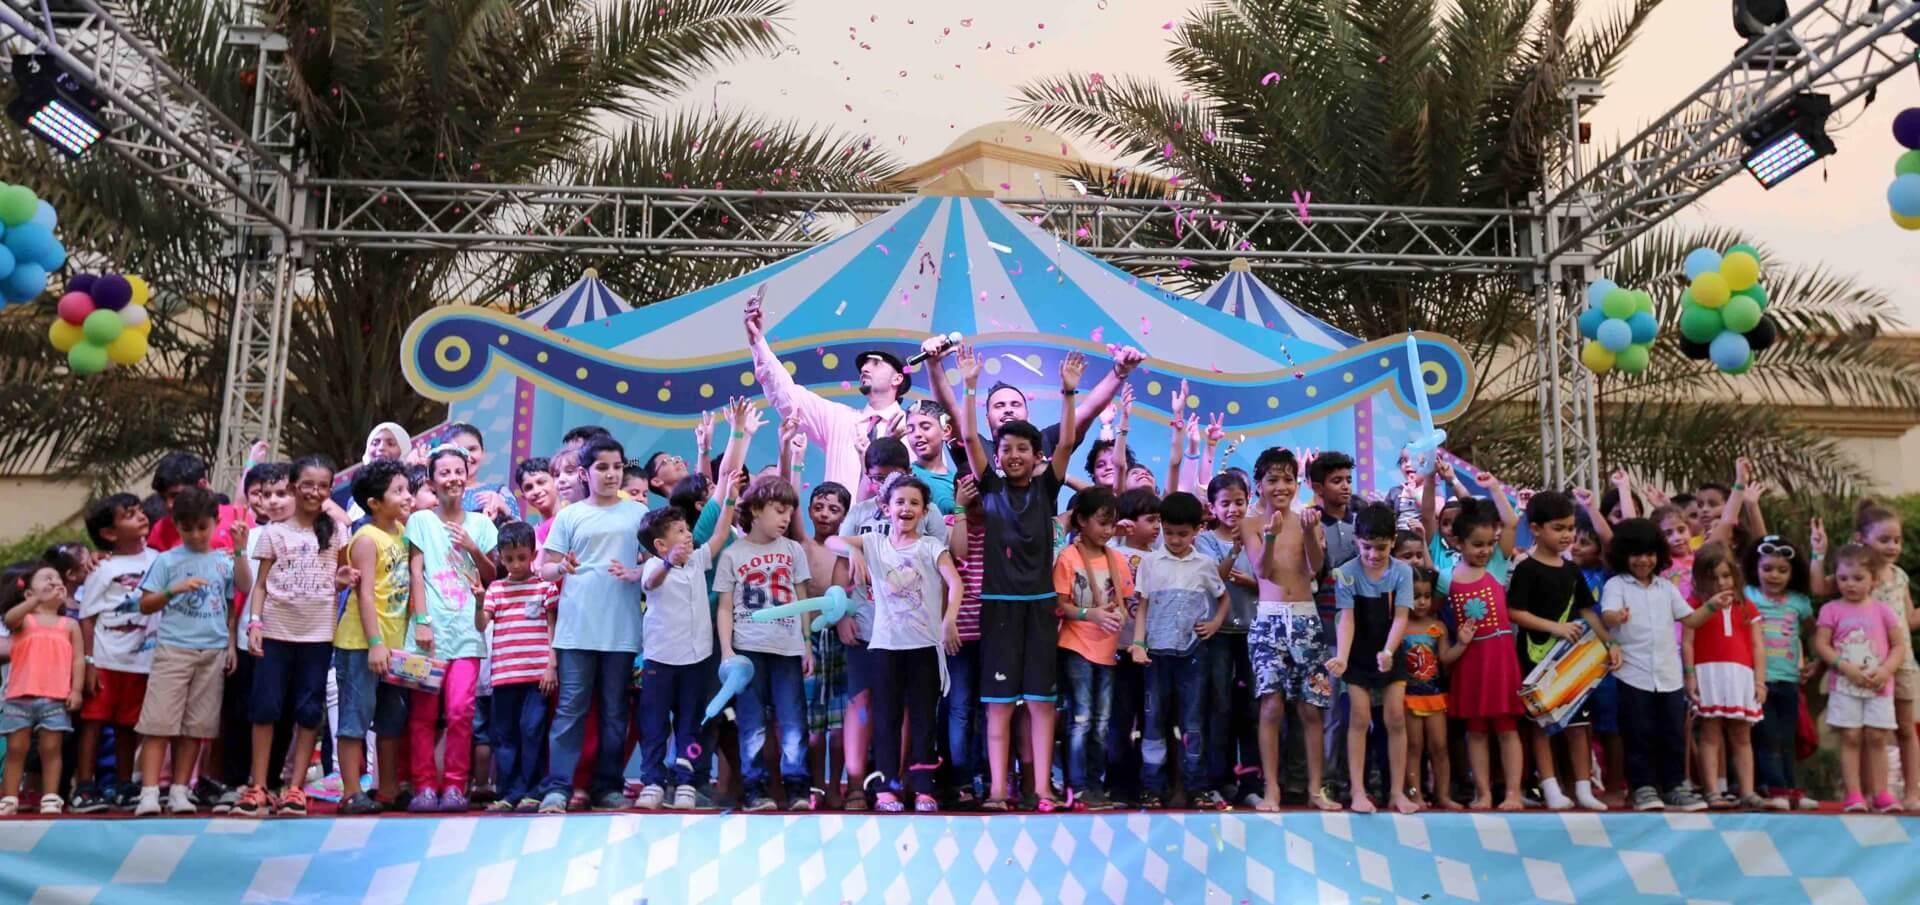 بيلسان ويكيند - فعالية للأطفال والعائلة في مدينة الملك عبد الله الاقتصادية